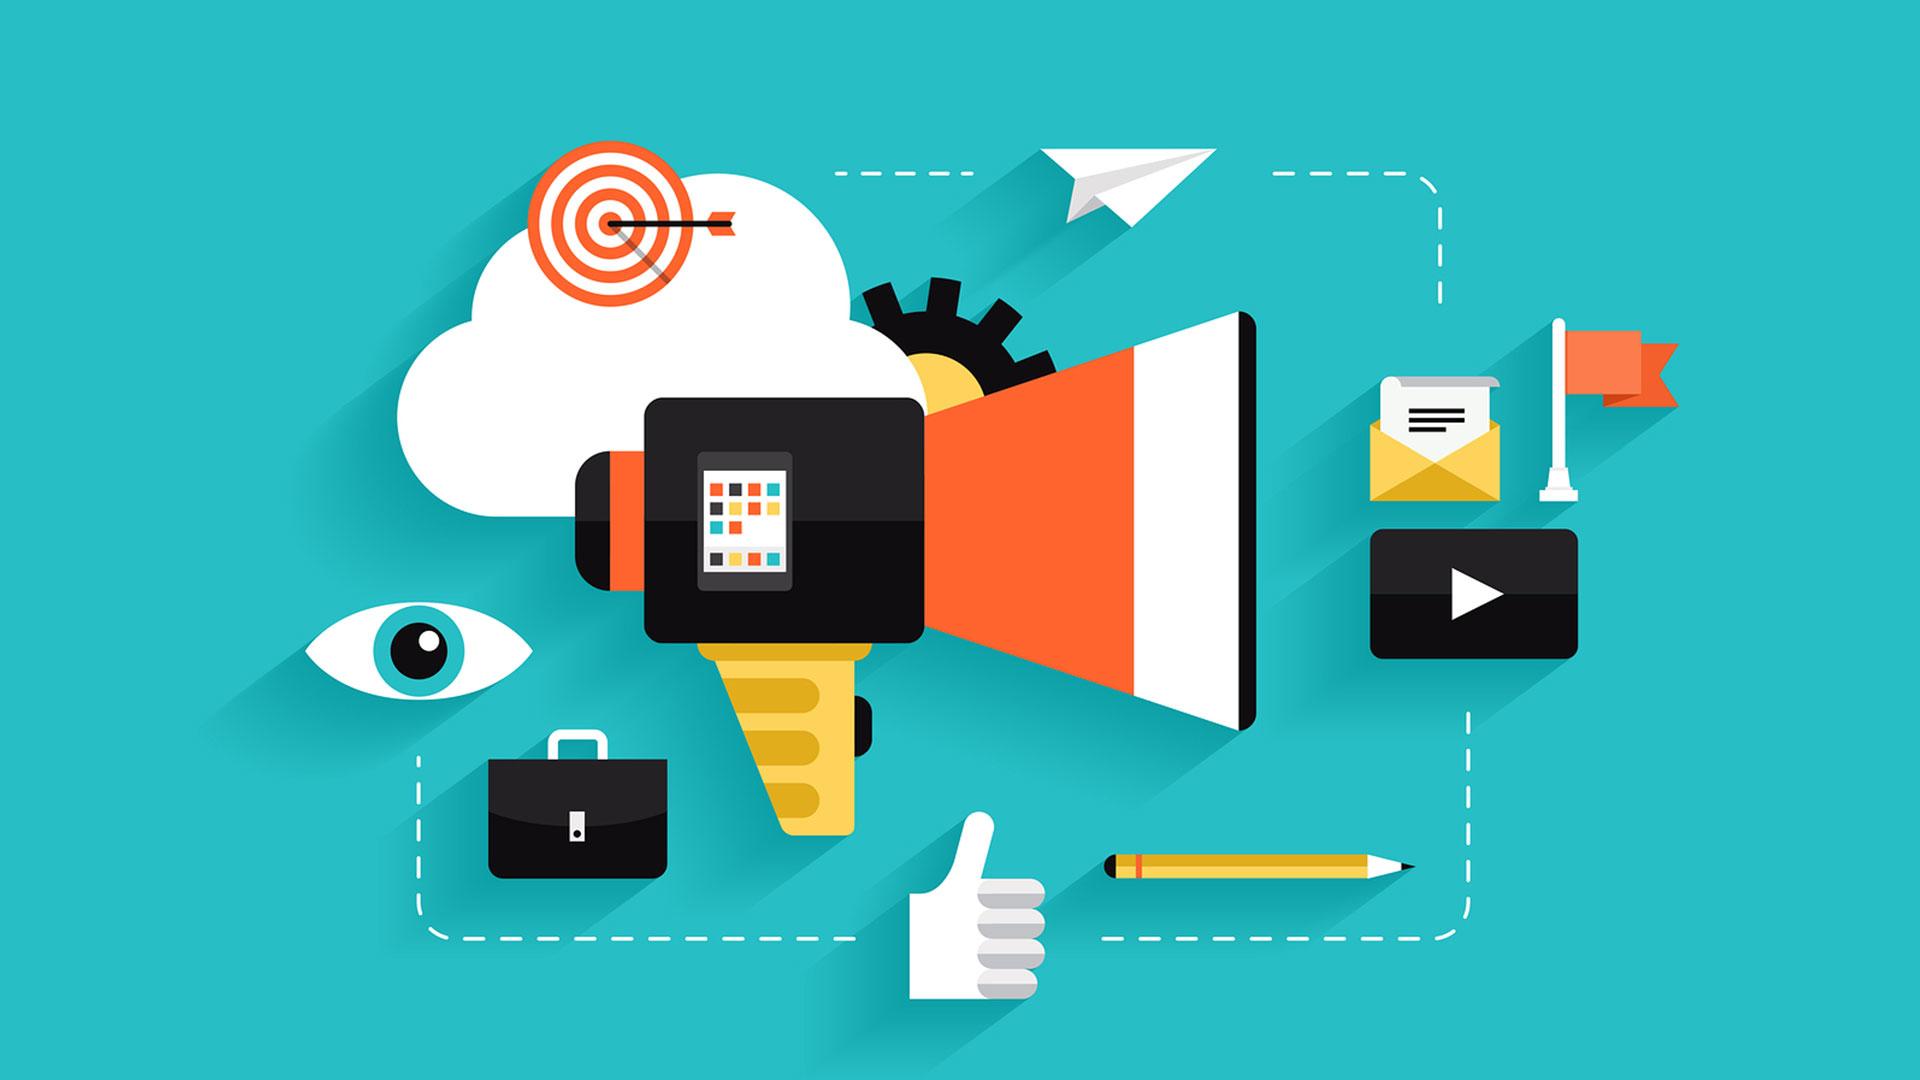 Le Campagne online e come utilizzarle